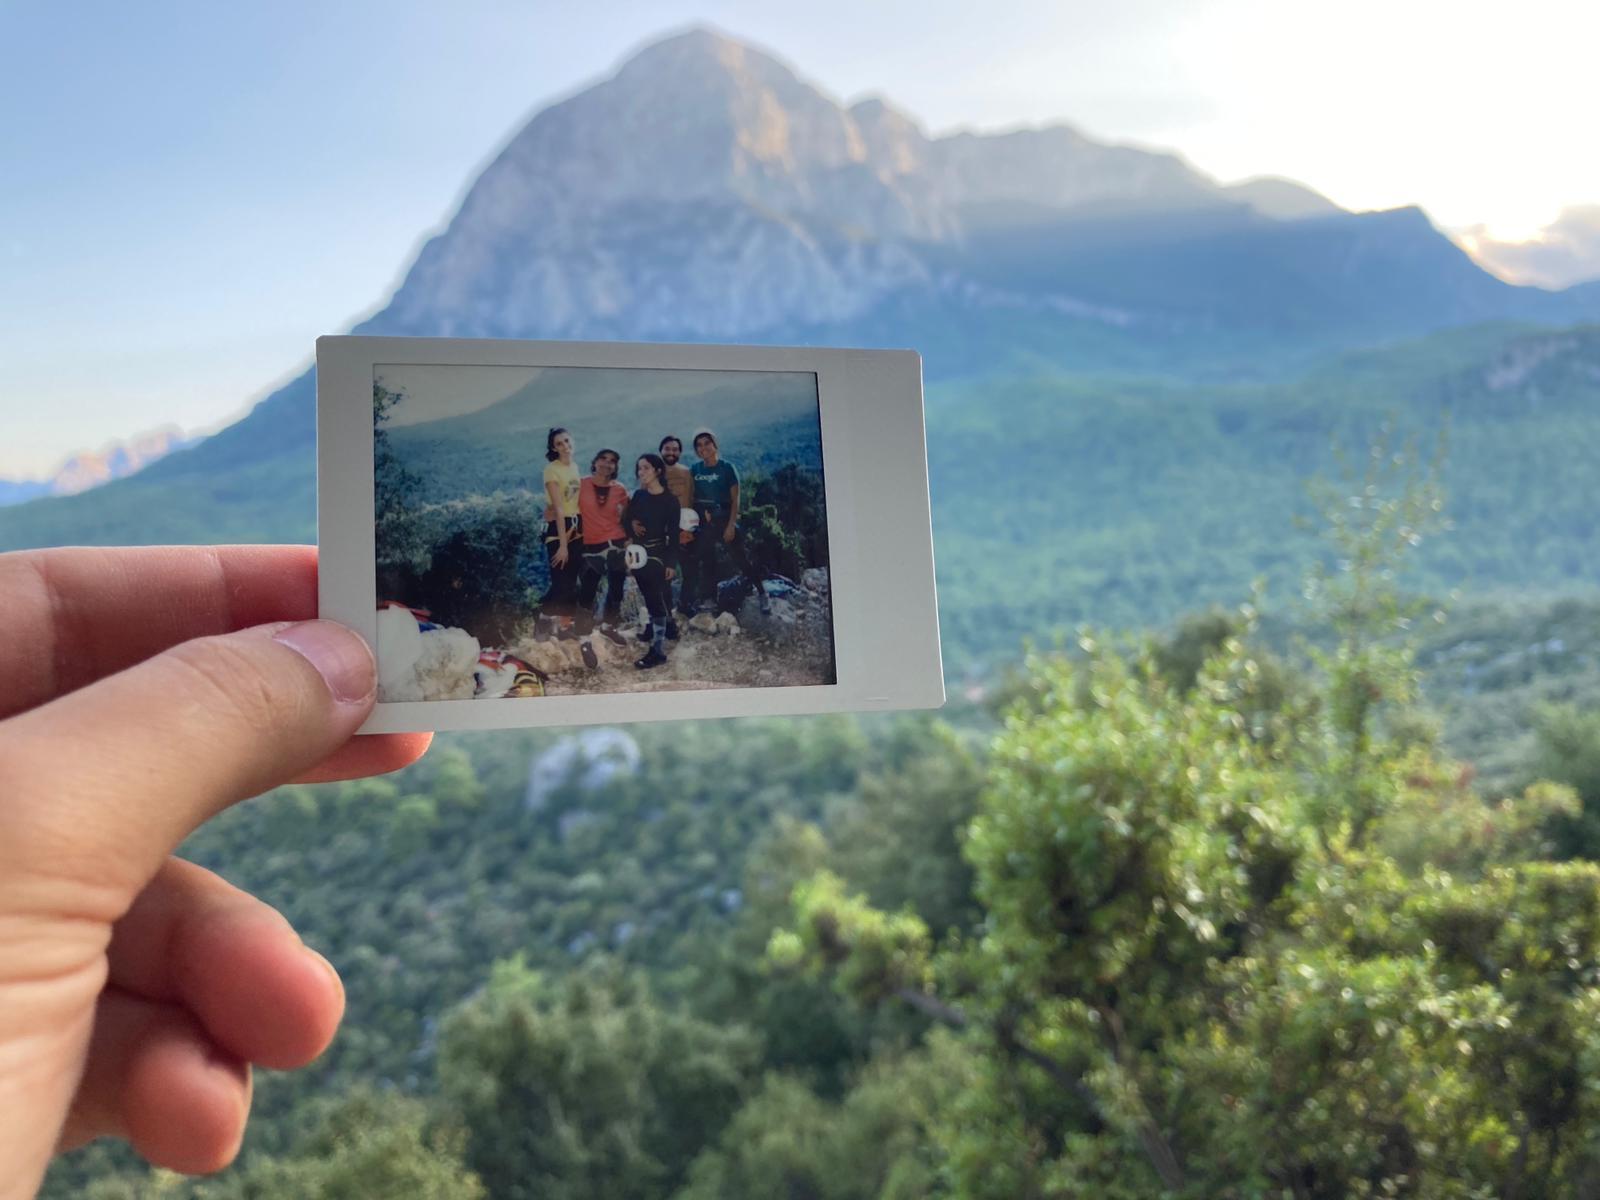 Geyiksivrisi Dağı manzarası ve Kebap sektörde tırmanış. Asude Demirci, Selo, Elif Özge, Kerimcan Maltepe, Rana Özer